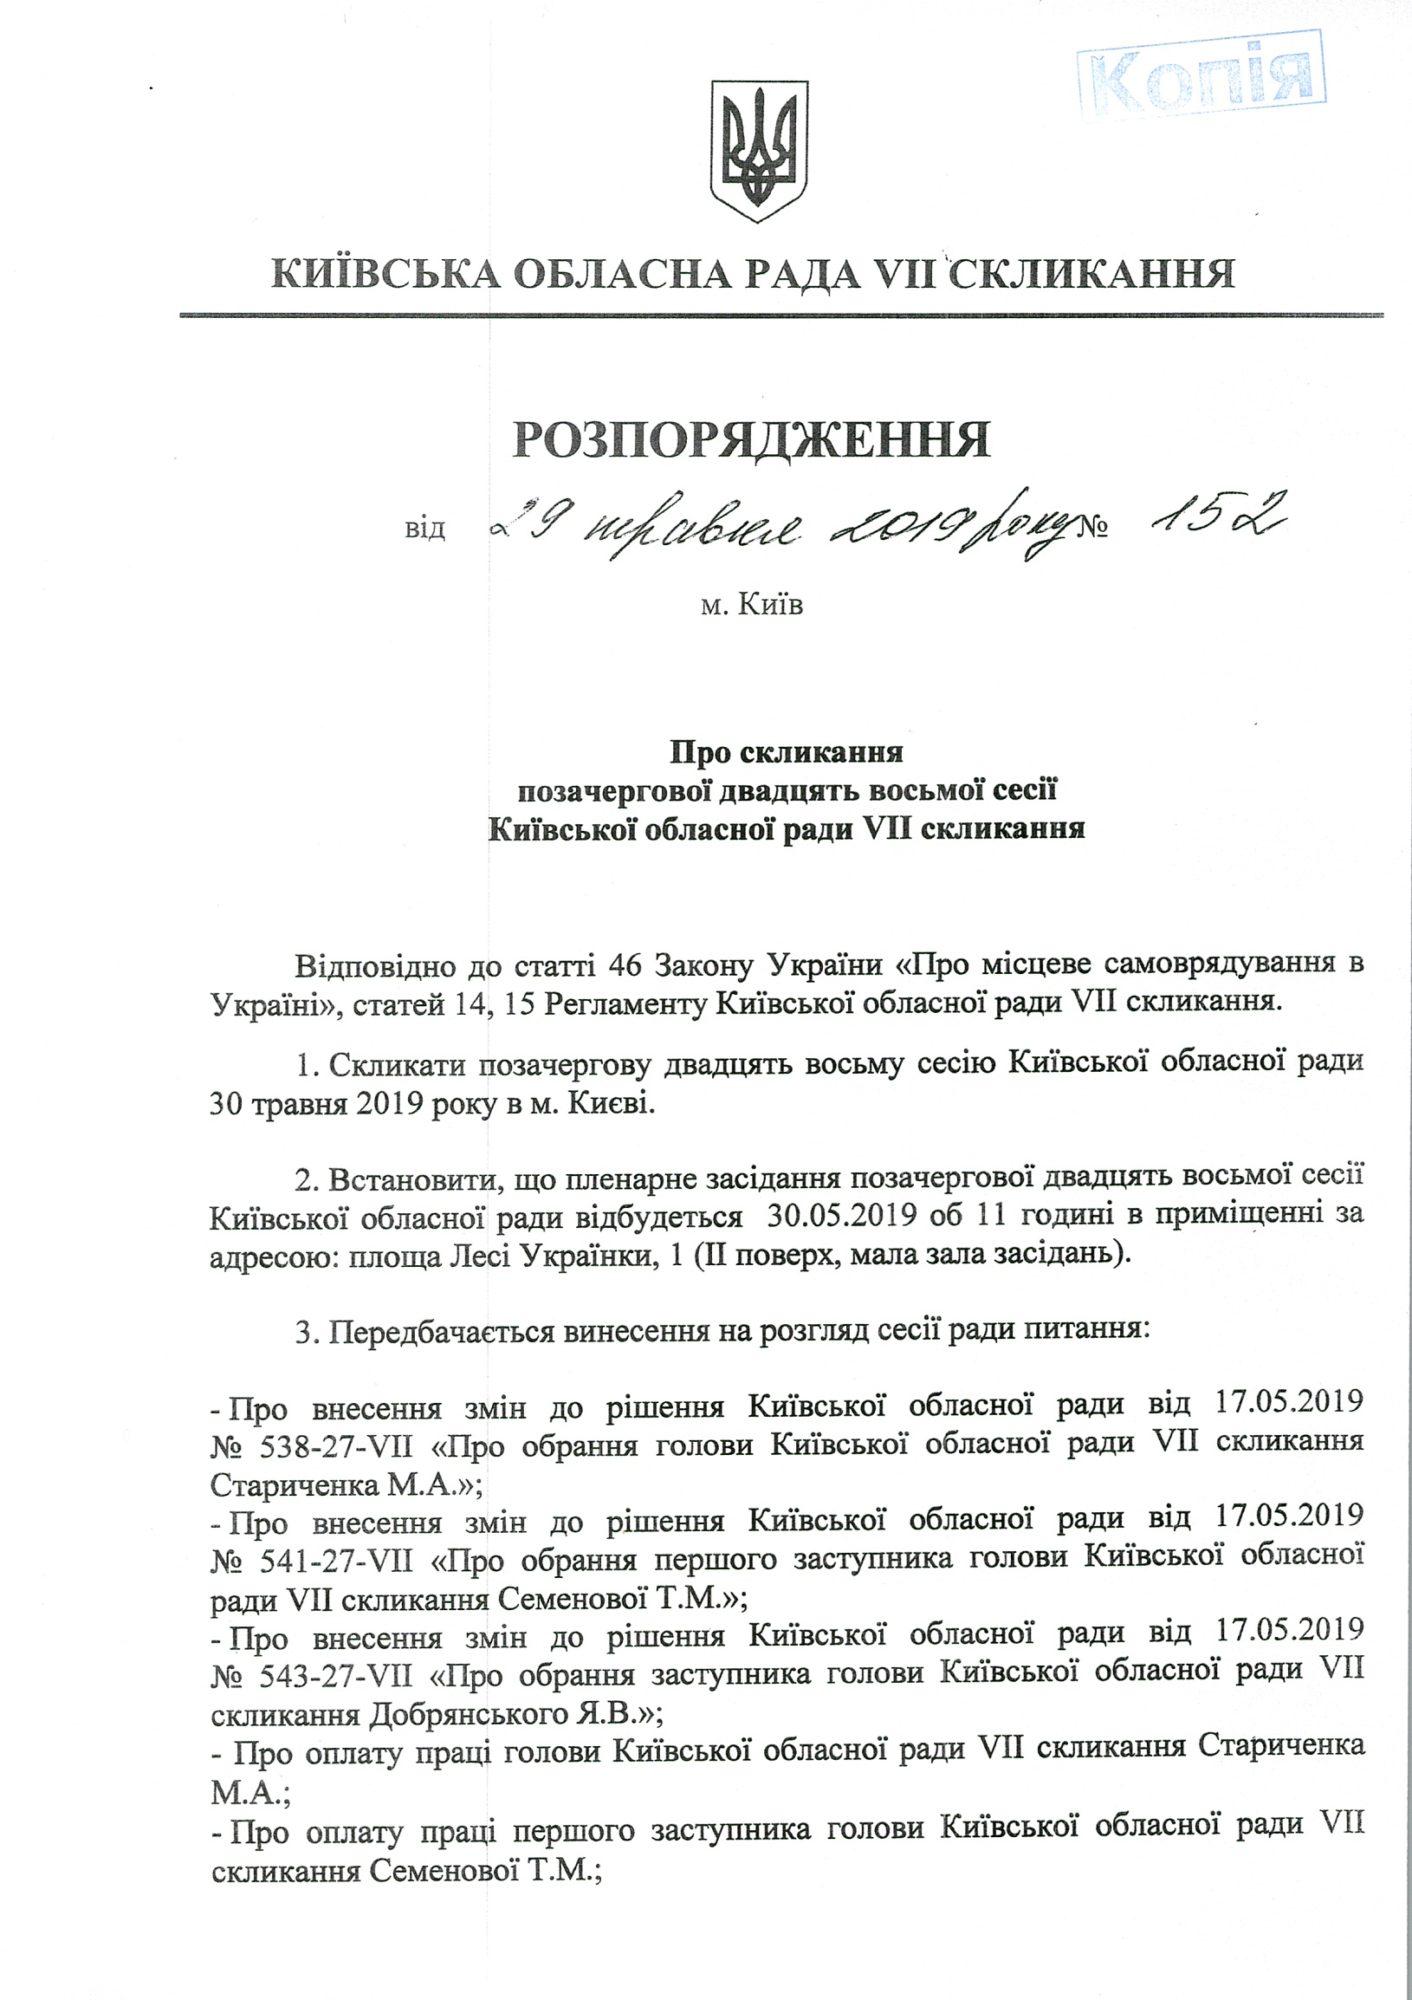 У Київській обласній раді затвердять зміни до цільових Програм та приймуть низку бюджетних питань - Київська обласна рада - 1 9 1412x2000